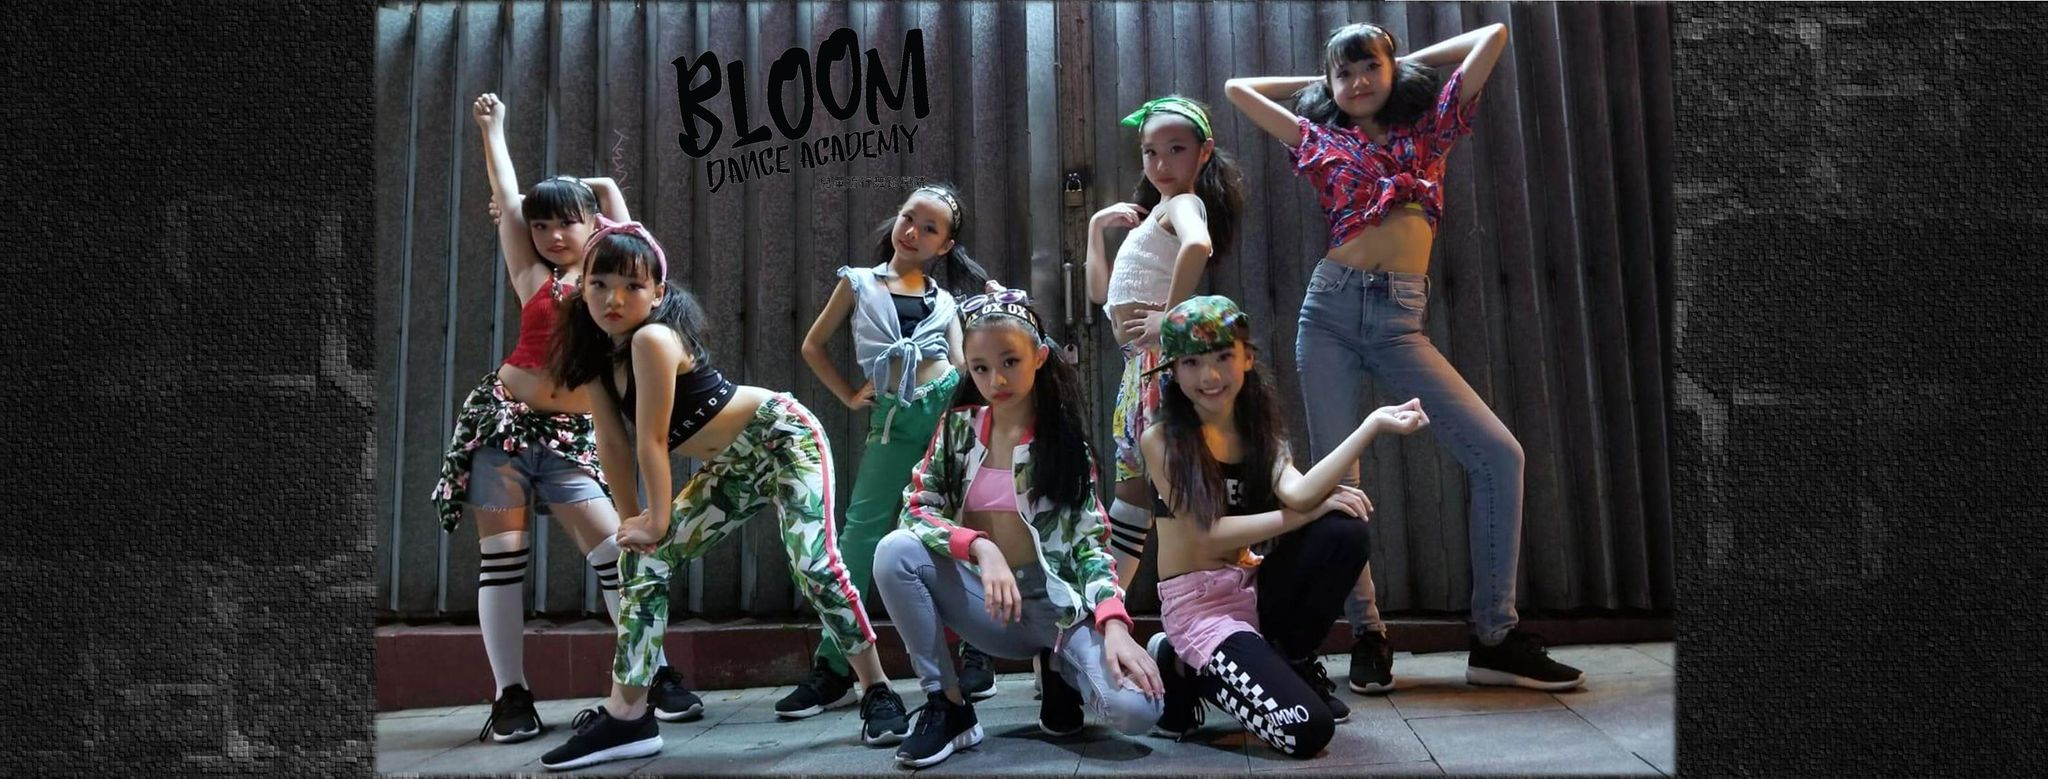 Bloom Dance Academy兒童流行舞蹈學院